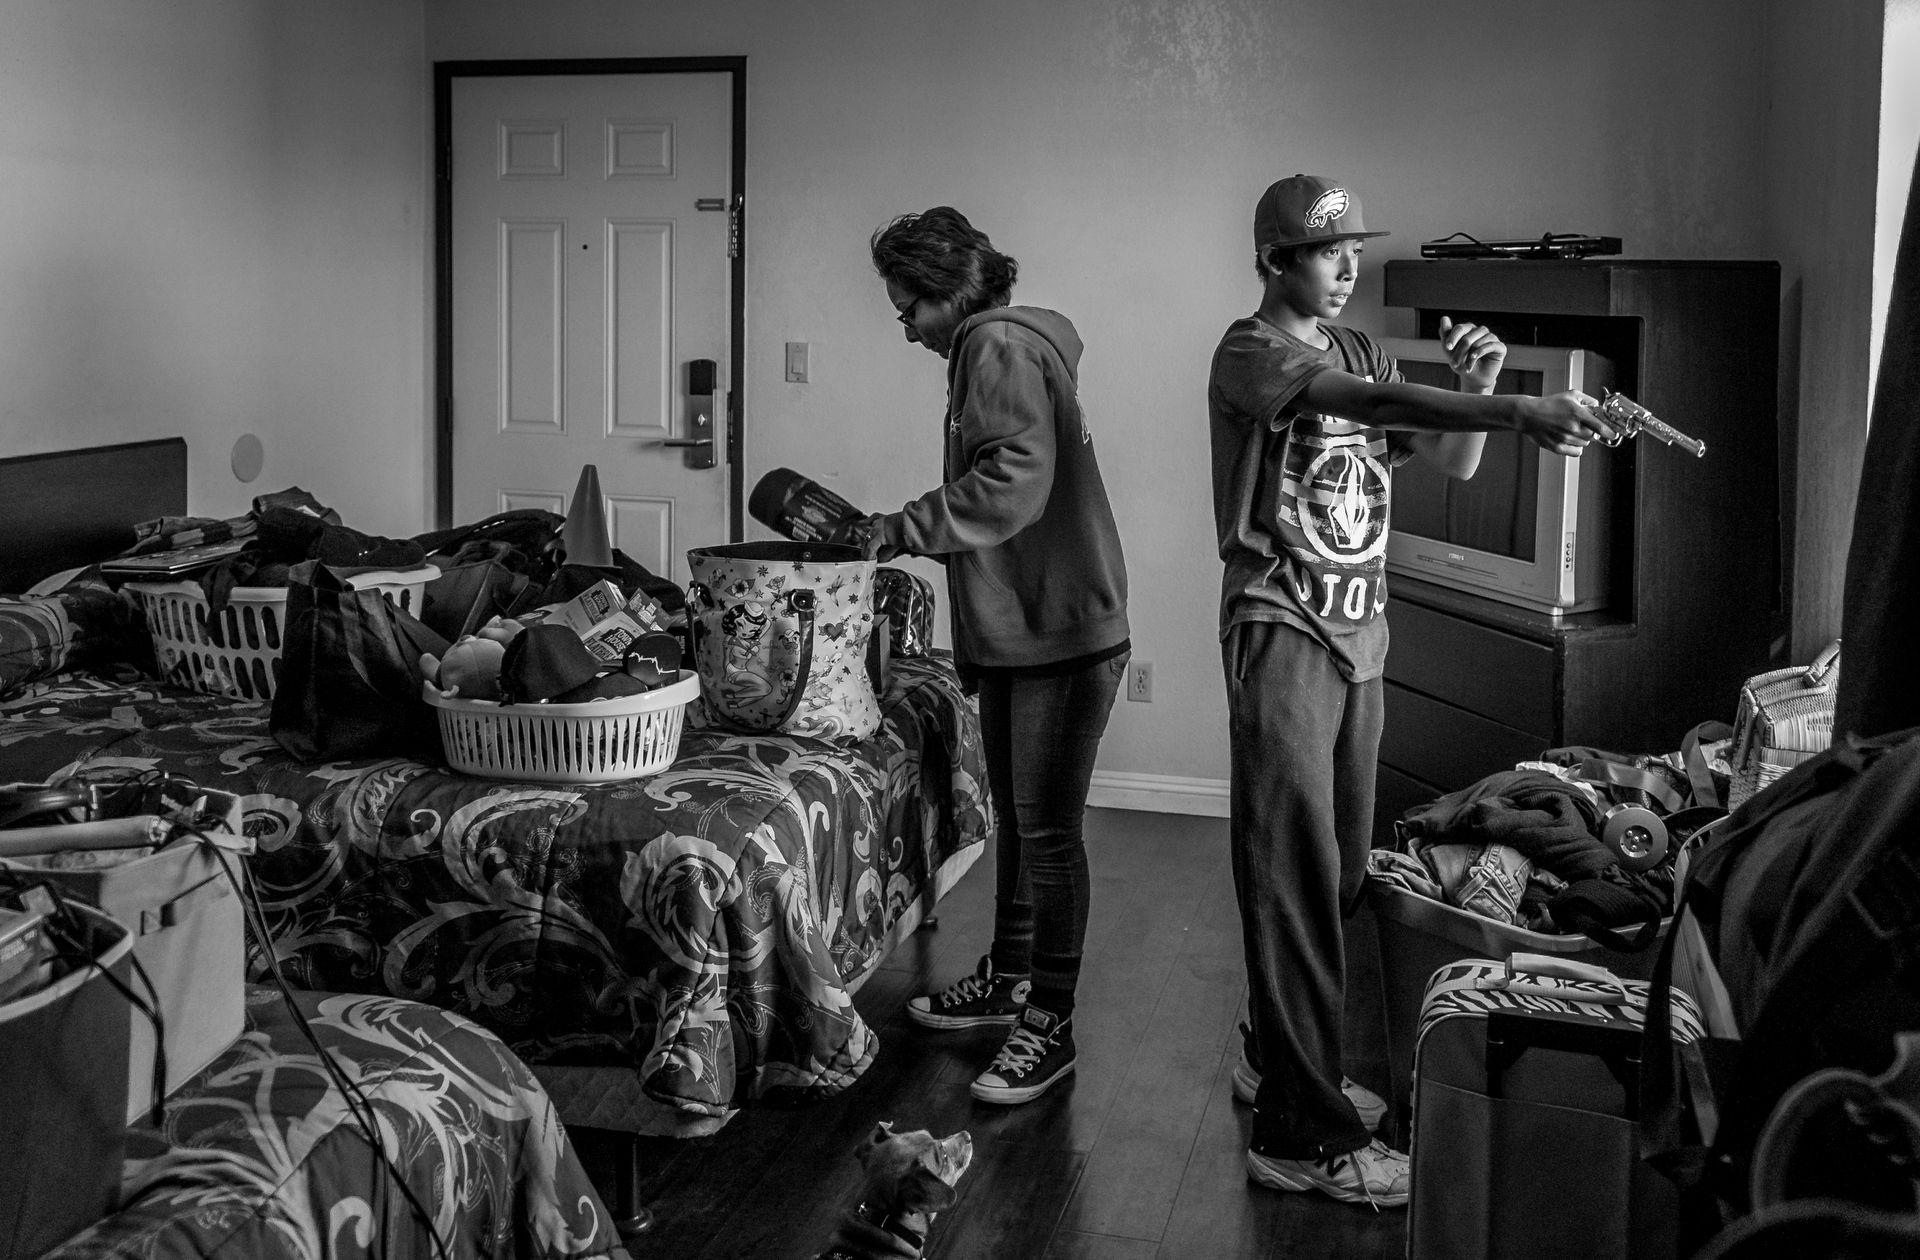 Missing in Action: Homeless Women Veterans - 8